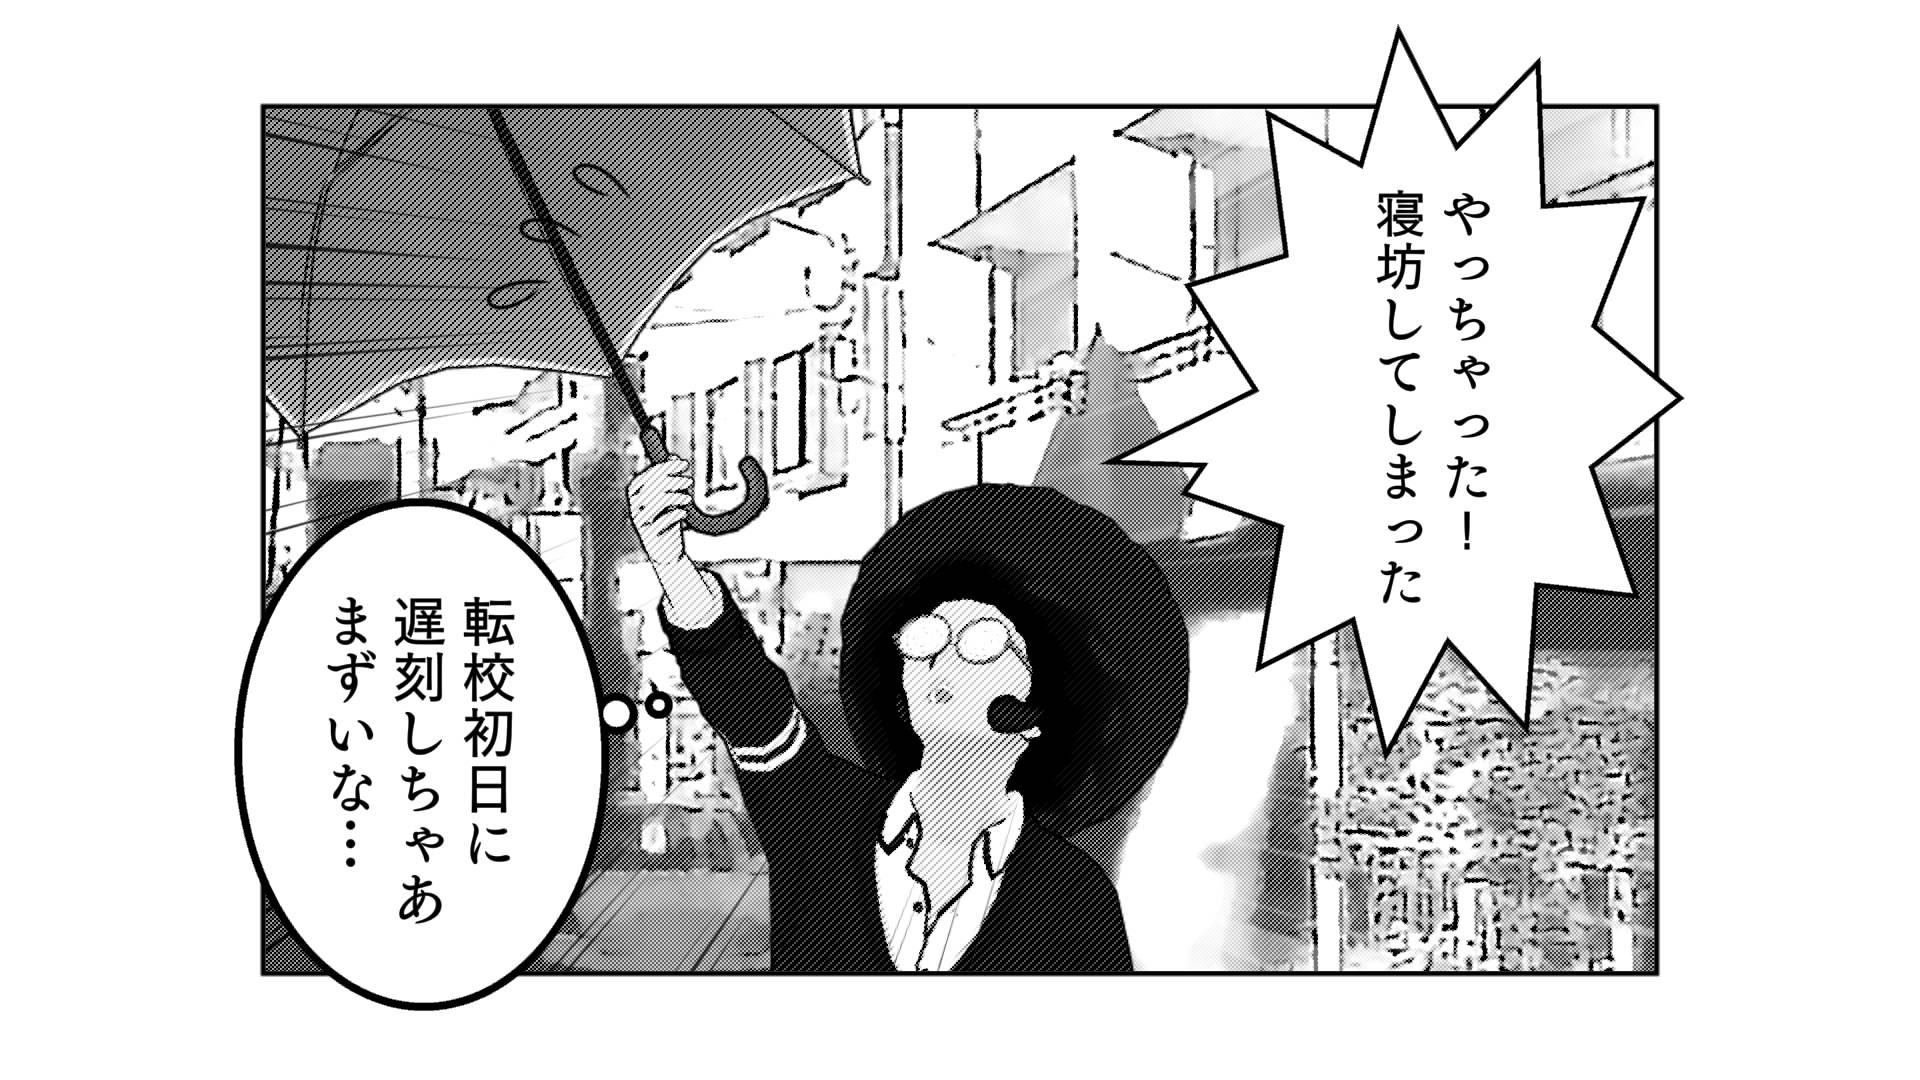 テン カウント 漫画